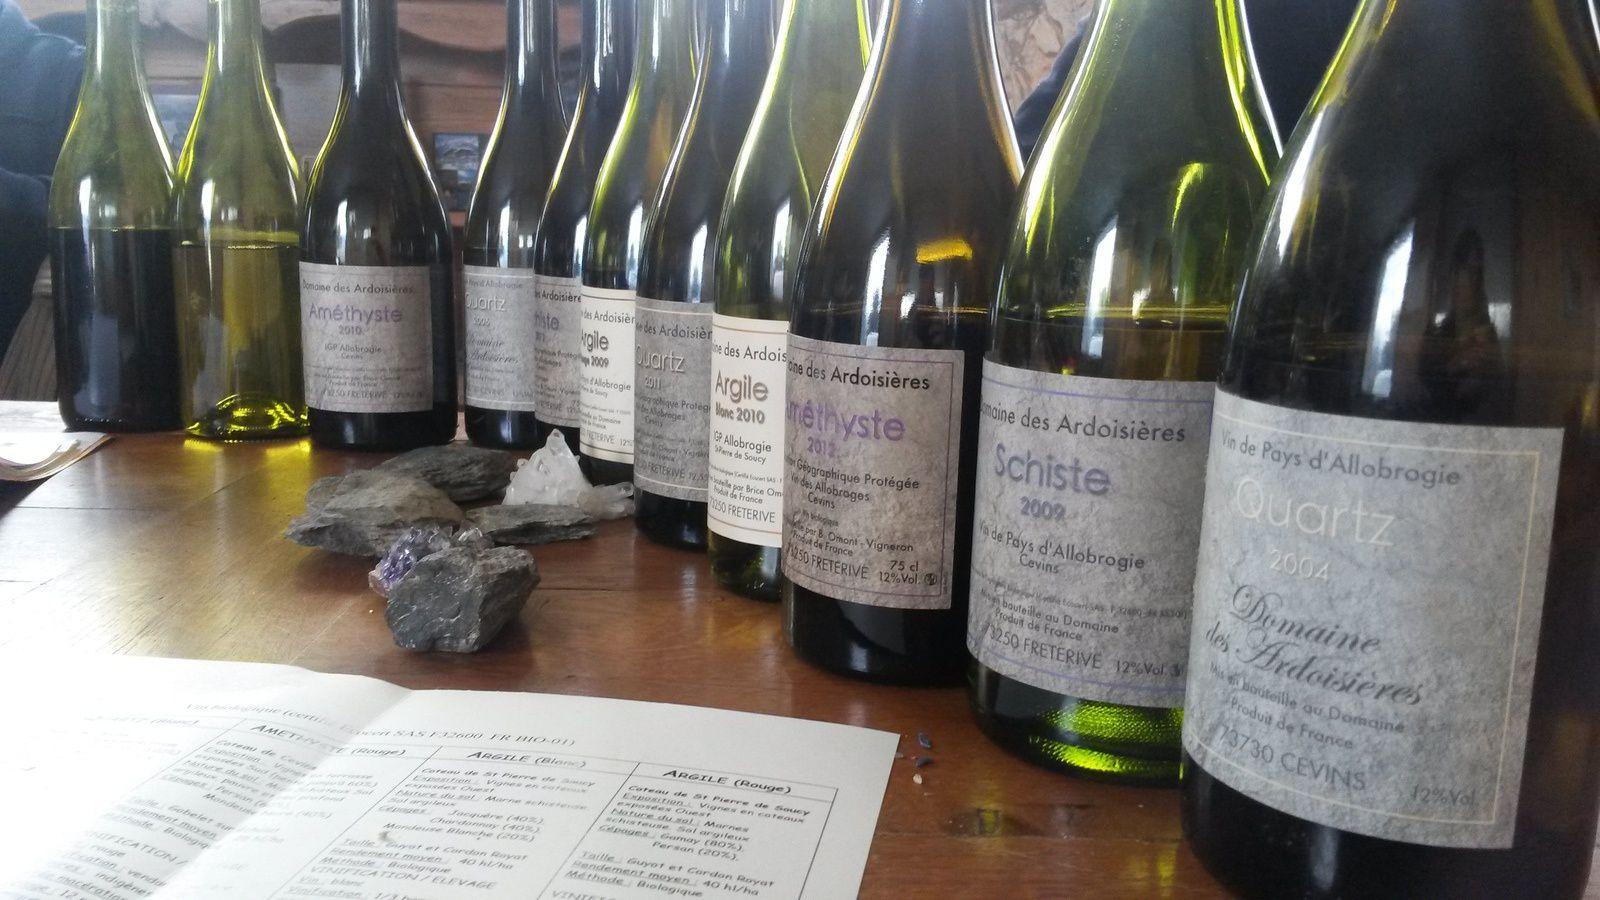 Le domaine des Ardoisières, à Cevins, révèle une gamme remarquable de vins à forte identité.